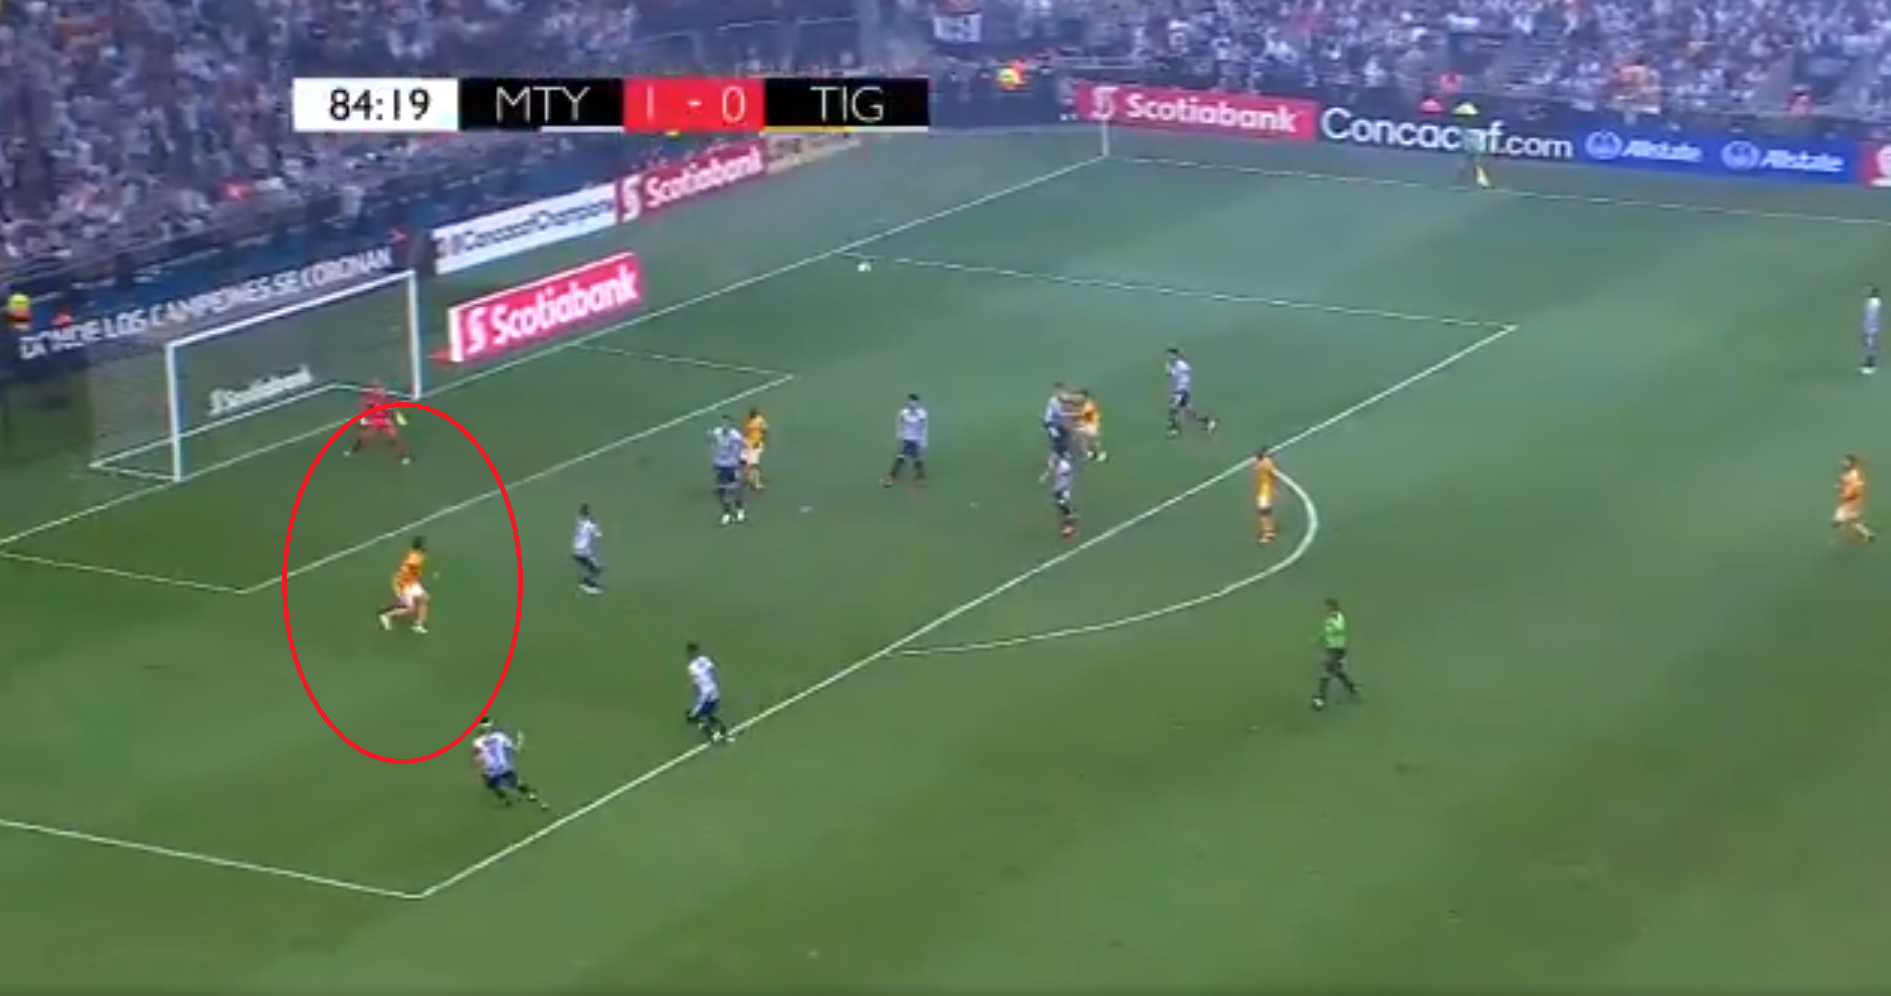 Football - Etranger - Le but spectaculaire de Gignac en finale de la Ligue des champions de la Concacaf (vidéo)